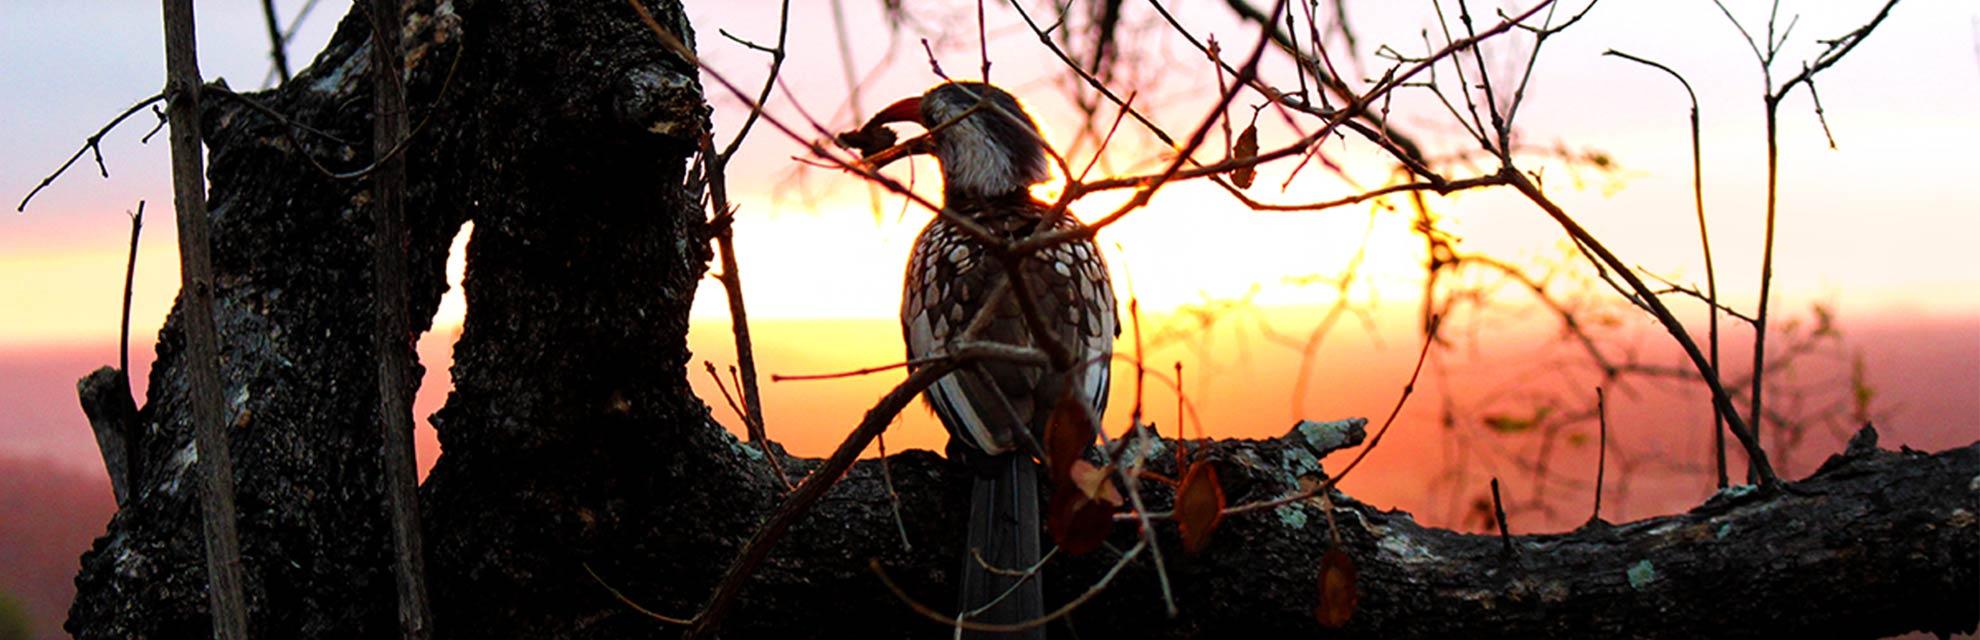 kruger wildlife safaris sunset